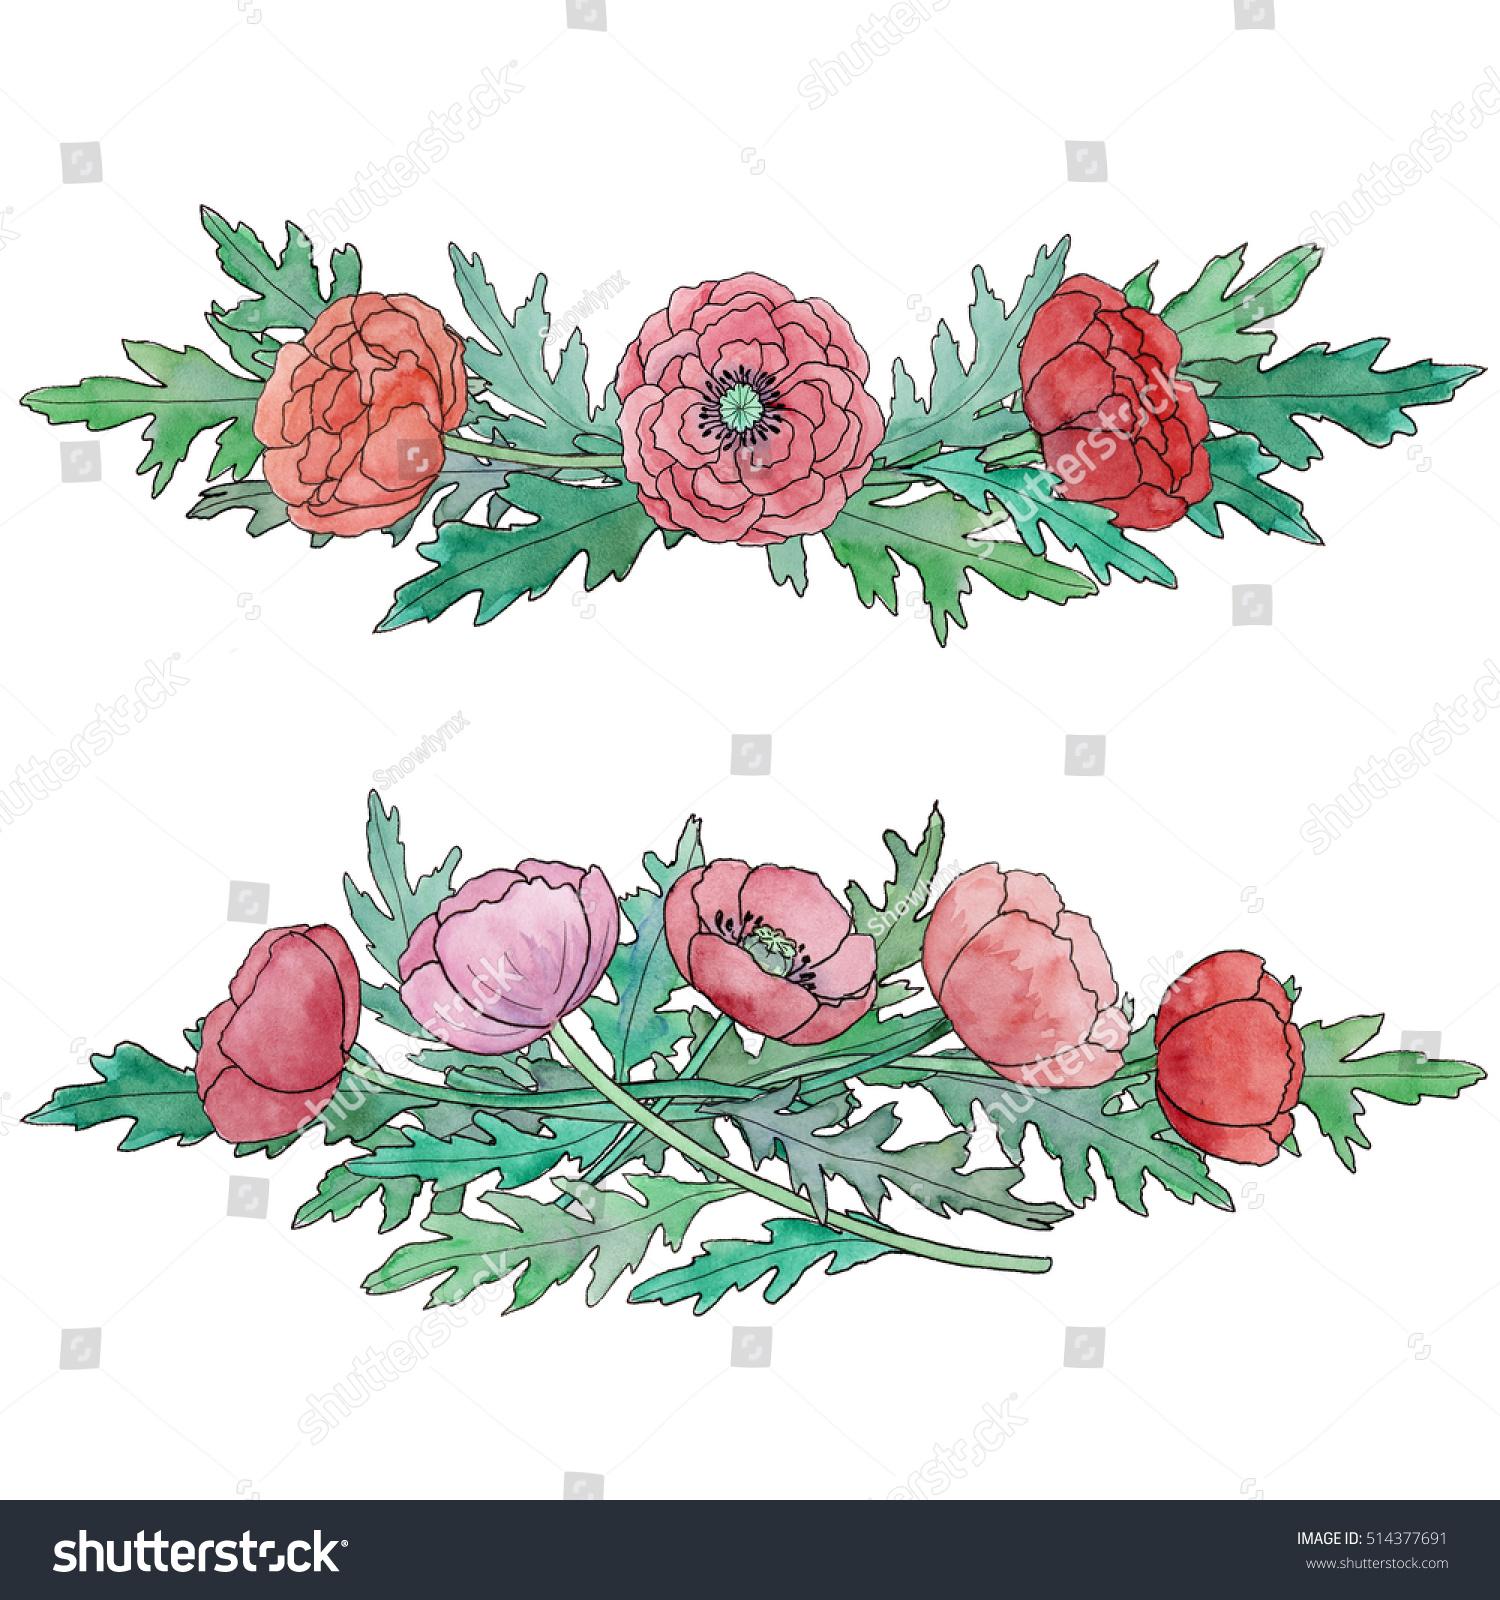 Watercolor Poppy Flower Bouquet Arrangement Stock Illustration ...